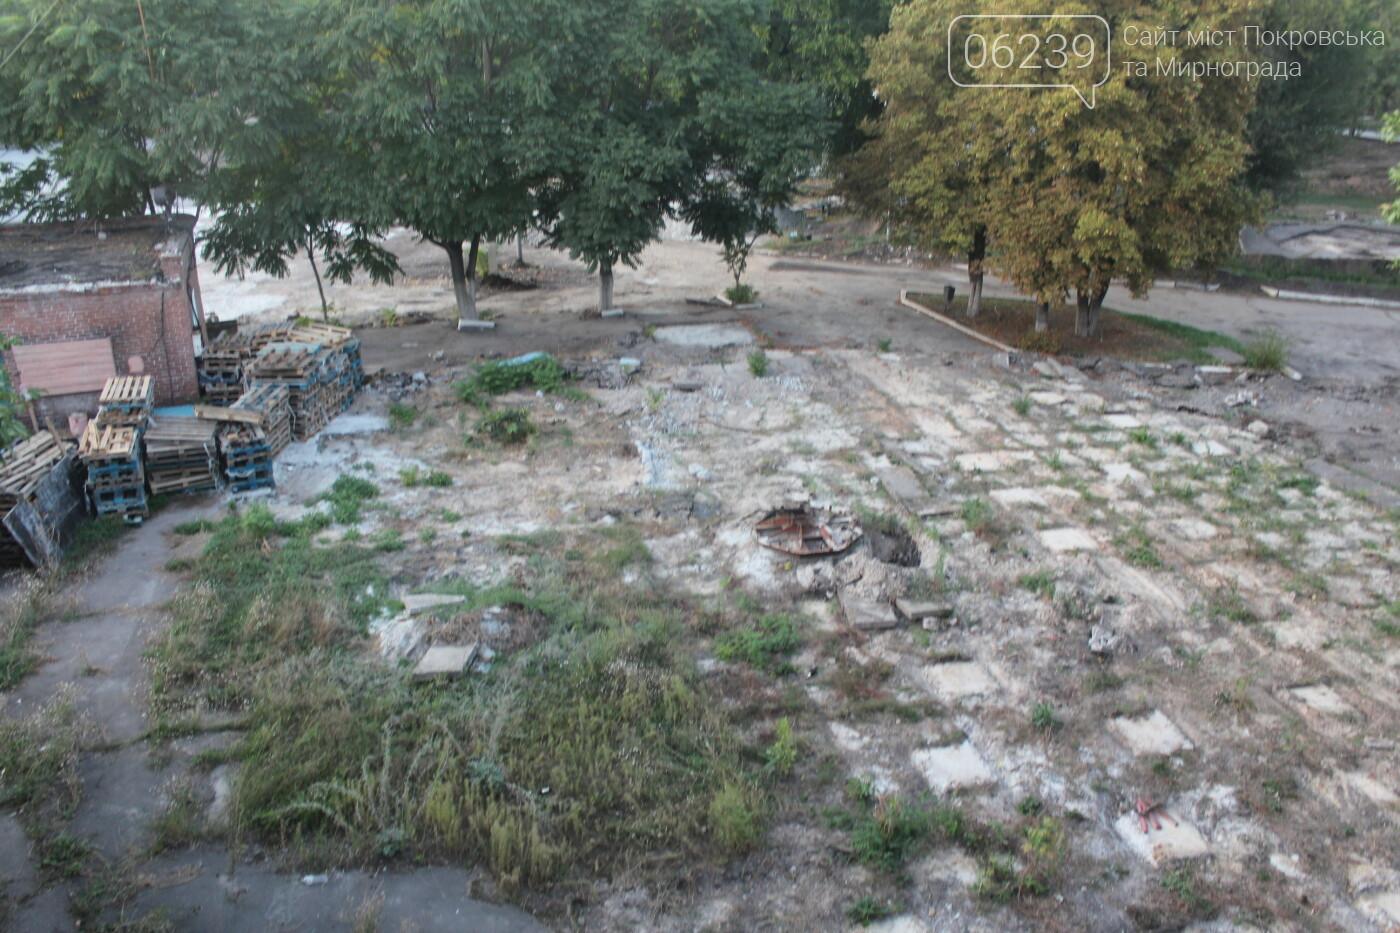 В Мирнограде продолжают реконструировать парк им. Гагарина. Когда ждать открытия?, фото-1